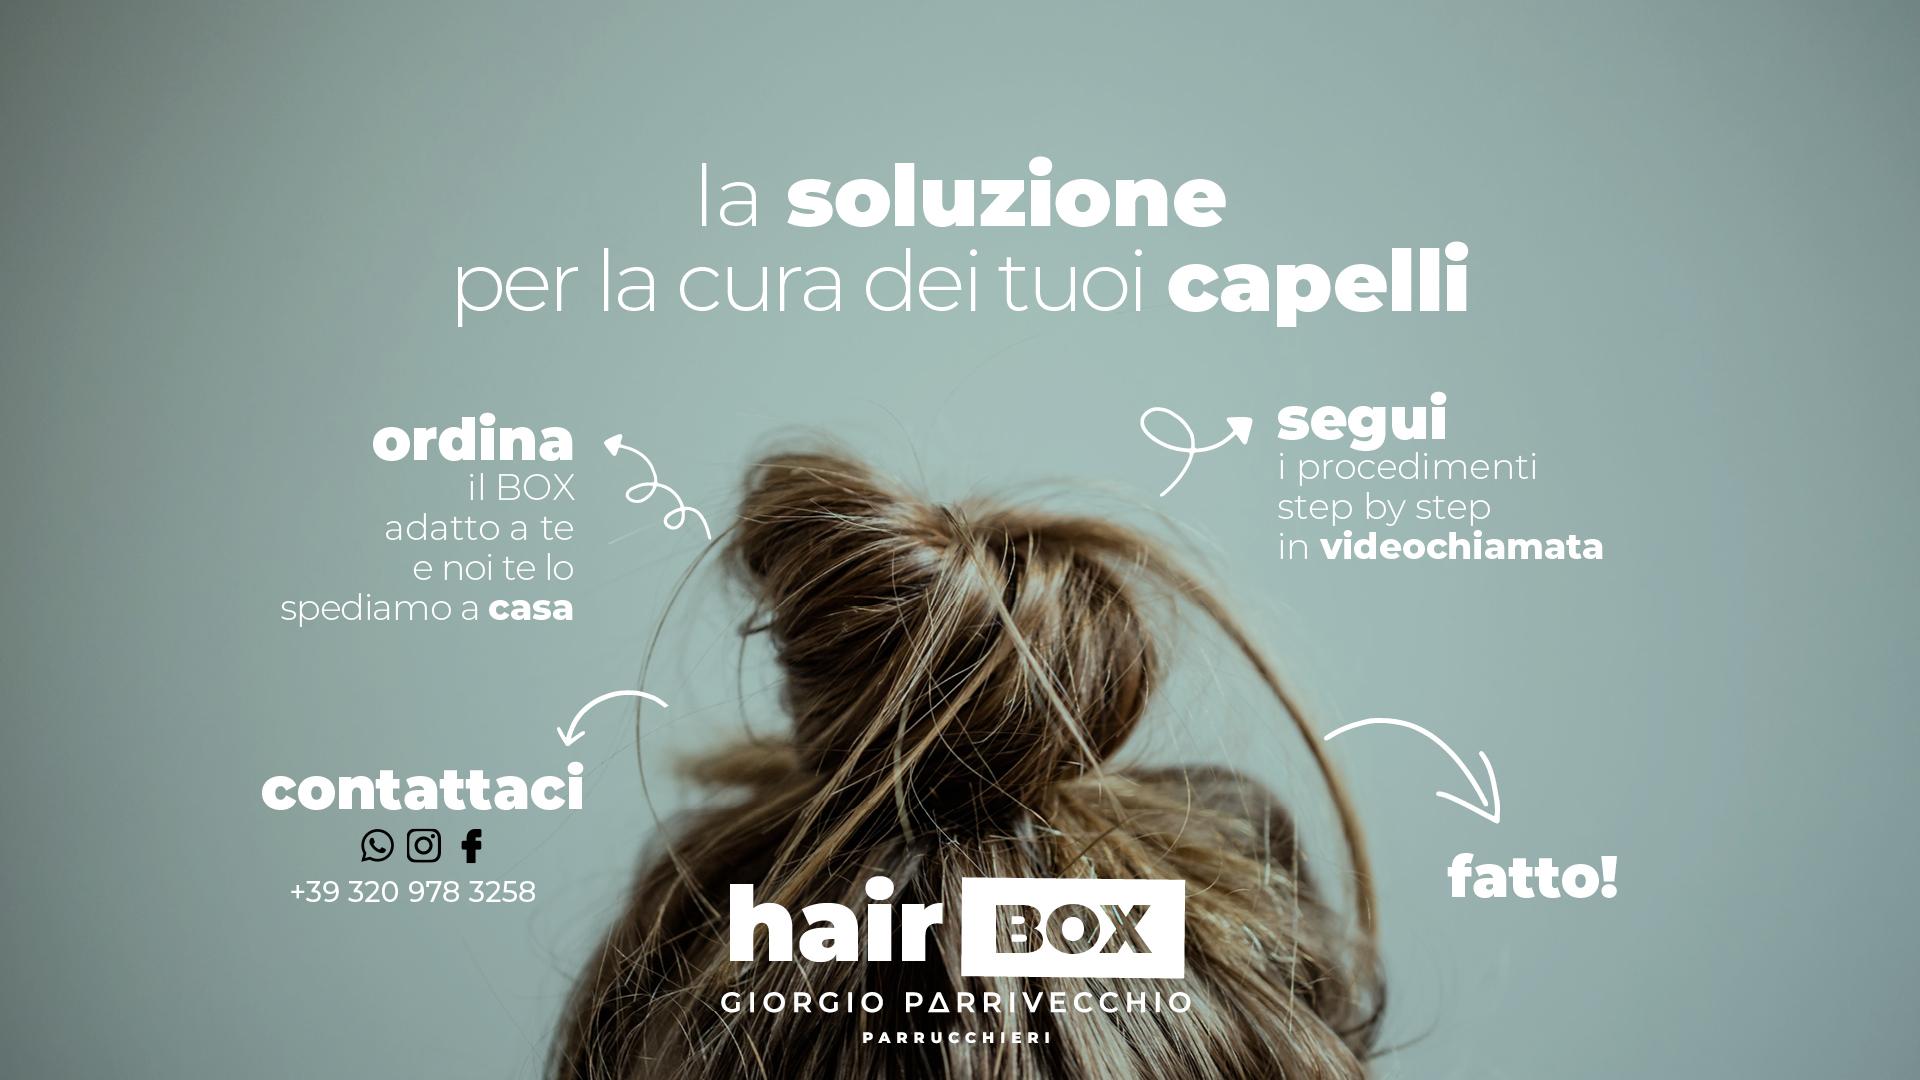 hairBOX6